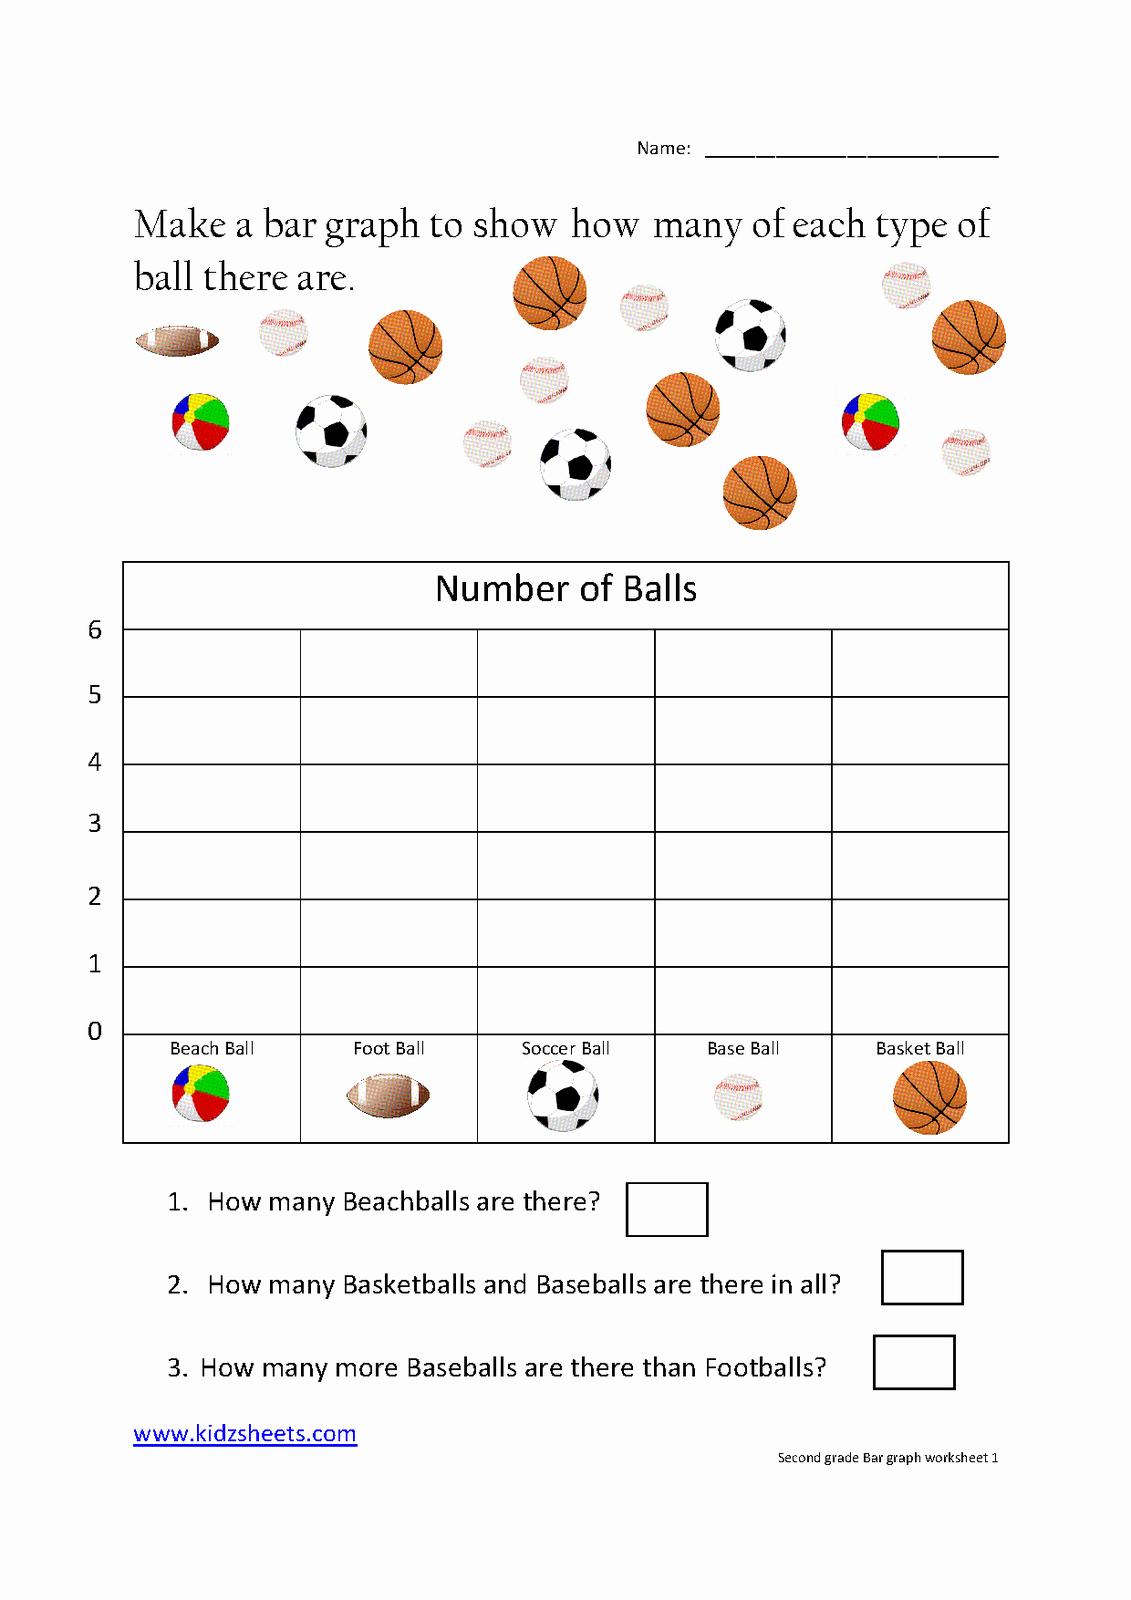 Line Graphs Worksheets 5th Grade Fresh 5th Grade Bar Graph Worksheets Free Table Bar Chart